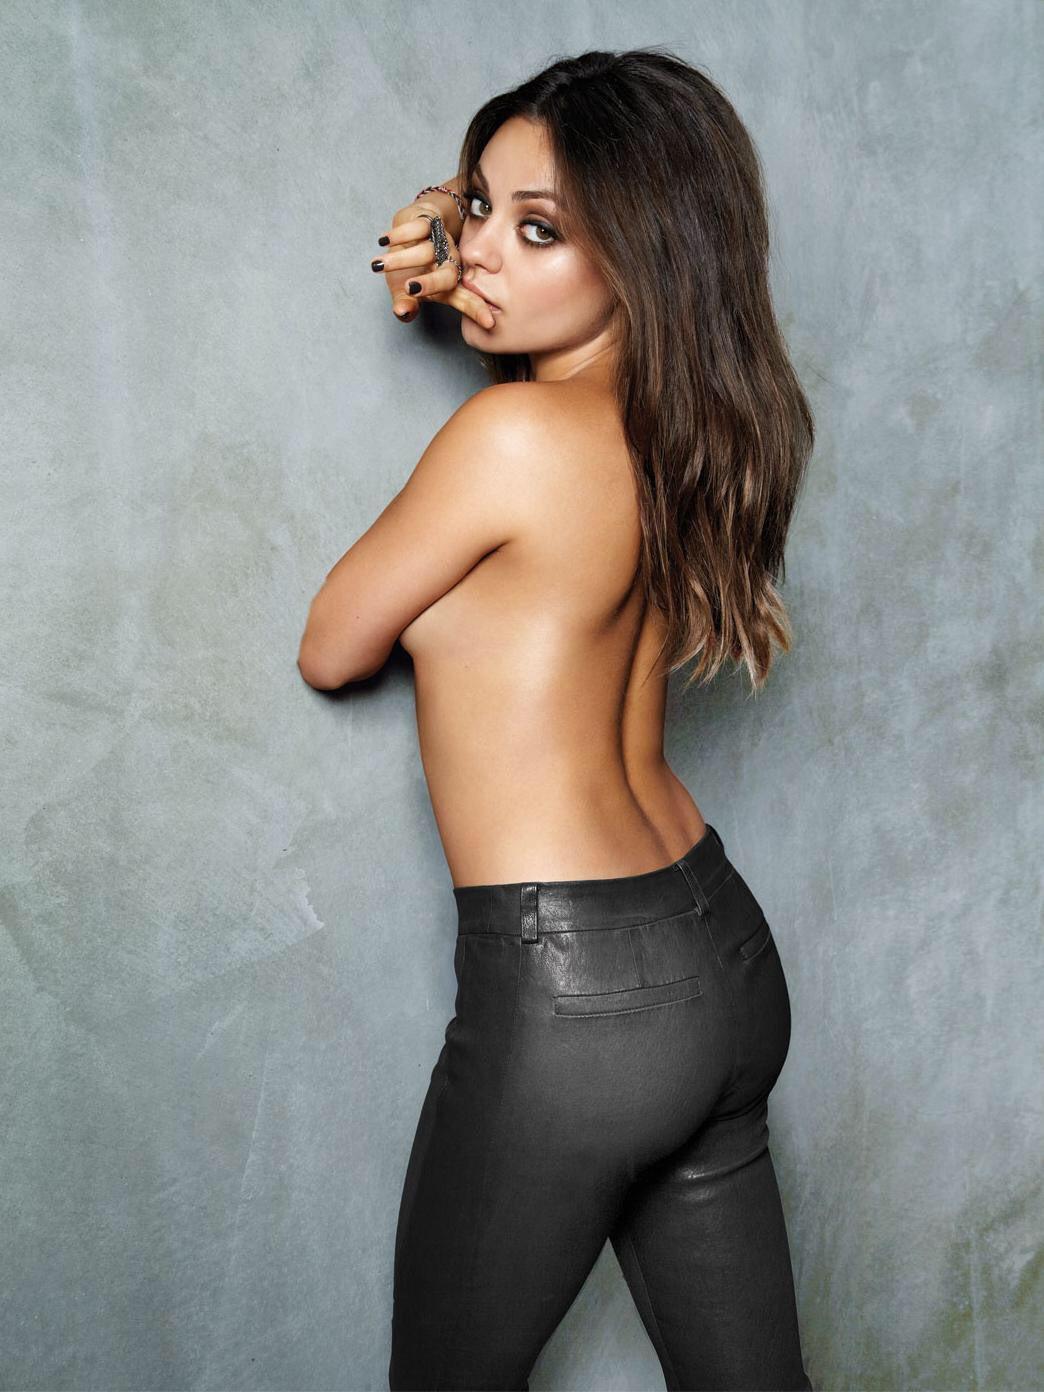 Happy 36th birthday to Mila Kunis